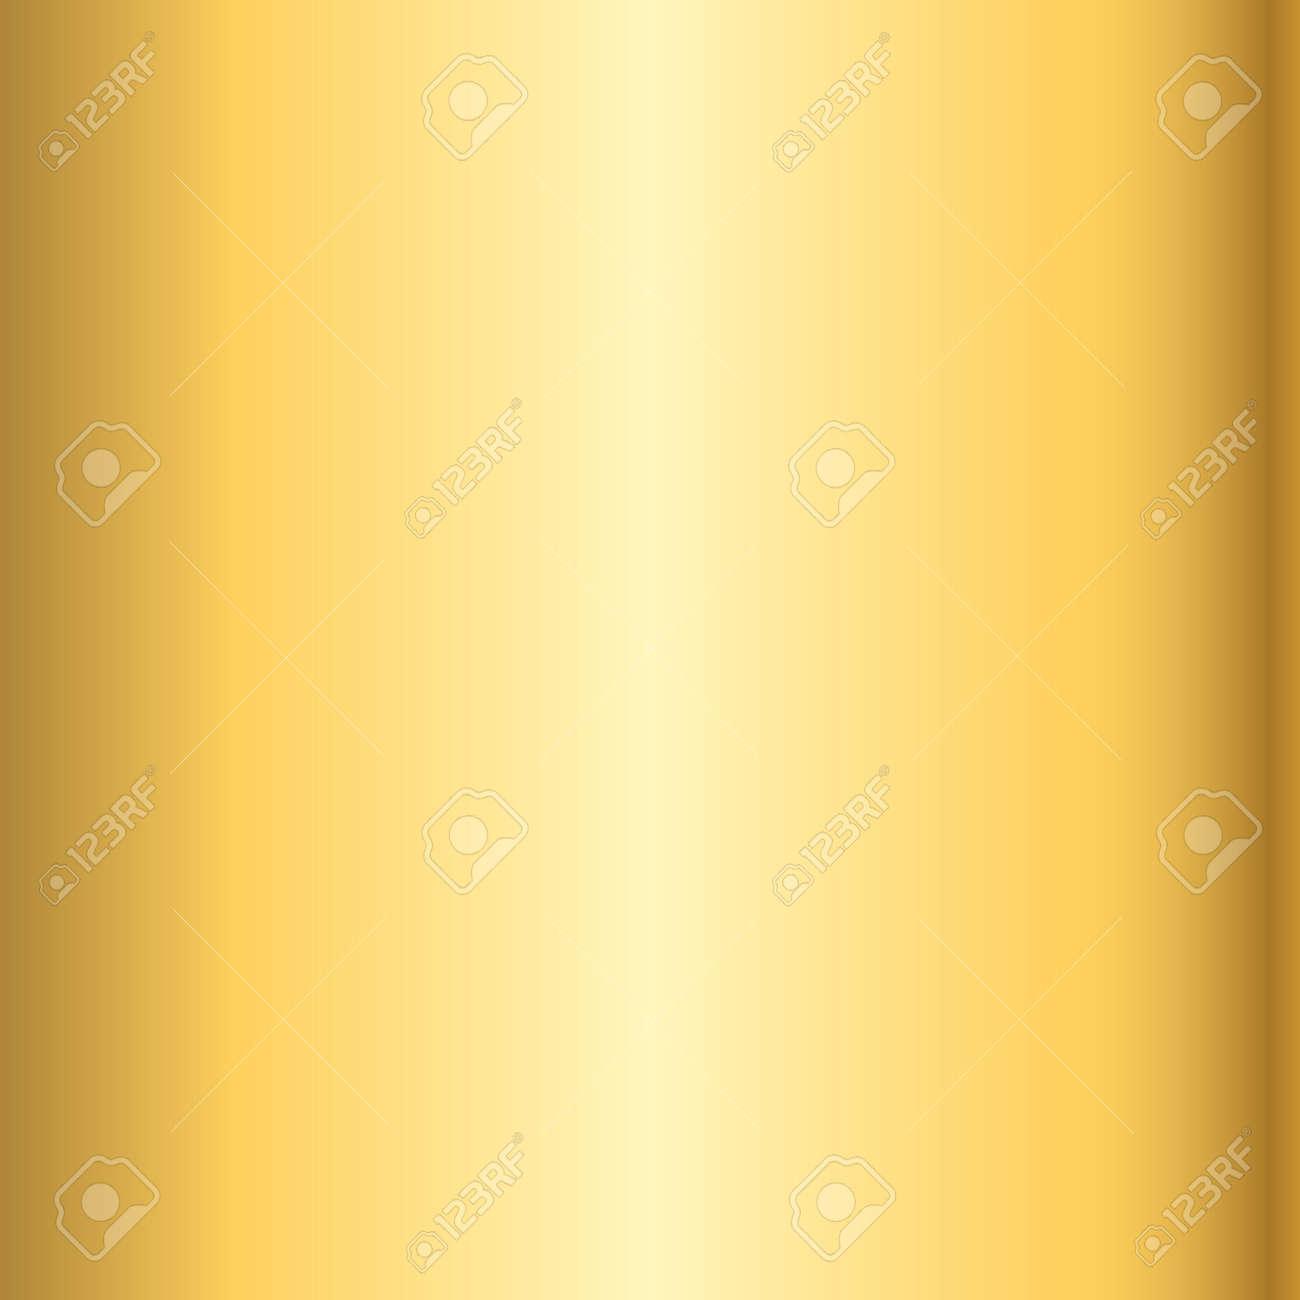 Gold-Textur-Muster. Licht Realistisch, Glänzend, Metallisch Leer ...